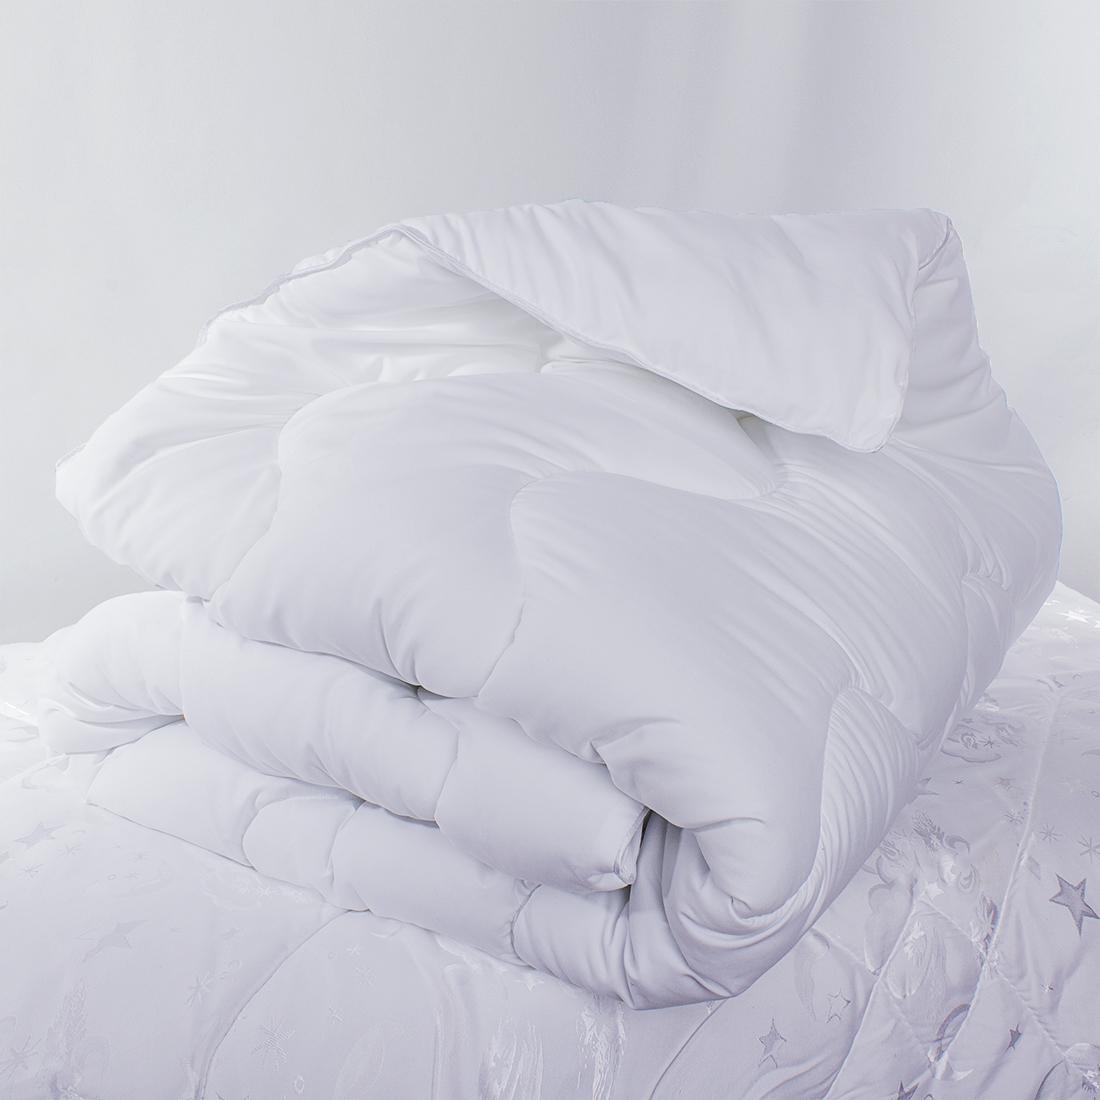 Одеяло Sleep iX, наполнитель: силиконизированное волокно, цвет: белый, 175 х 205 см. pva320046pva320046Уникальная стежка AirFlex продлевает срок службы изделия, поддерживая наполнитель изнутри, и придает одеялу необычайную пышность, что позволяет удерживать тепло намного лучше, чем в одеялах постеганных на многоигольной машине.Материал чехла MicroSkin - это гладкая и шелковистая ткань с легким блеском, по своему виду не уступает натуральному хлопку. Хорошо сохраняет тепло, очень приятна на ощупь, прочна и устойчива к стирке.AirFluff - это мягкий наполнитель из особенно тонкого силиконизированного волокна. Толщина волокон AirFluff всего 3 денье, поэтому наполнитель очень податливый: в подушках упругий, а в одеялах воздушный и легкий.Кант делают из атласа или вискозы, он помогает изделию держать форму в течение многих лет. Кантик есть на многих объемных изделиях из текстиля, иногда его могут дополнительно прострочить по периметру или сделать широким.